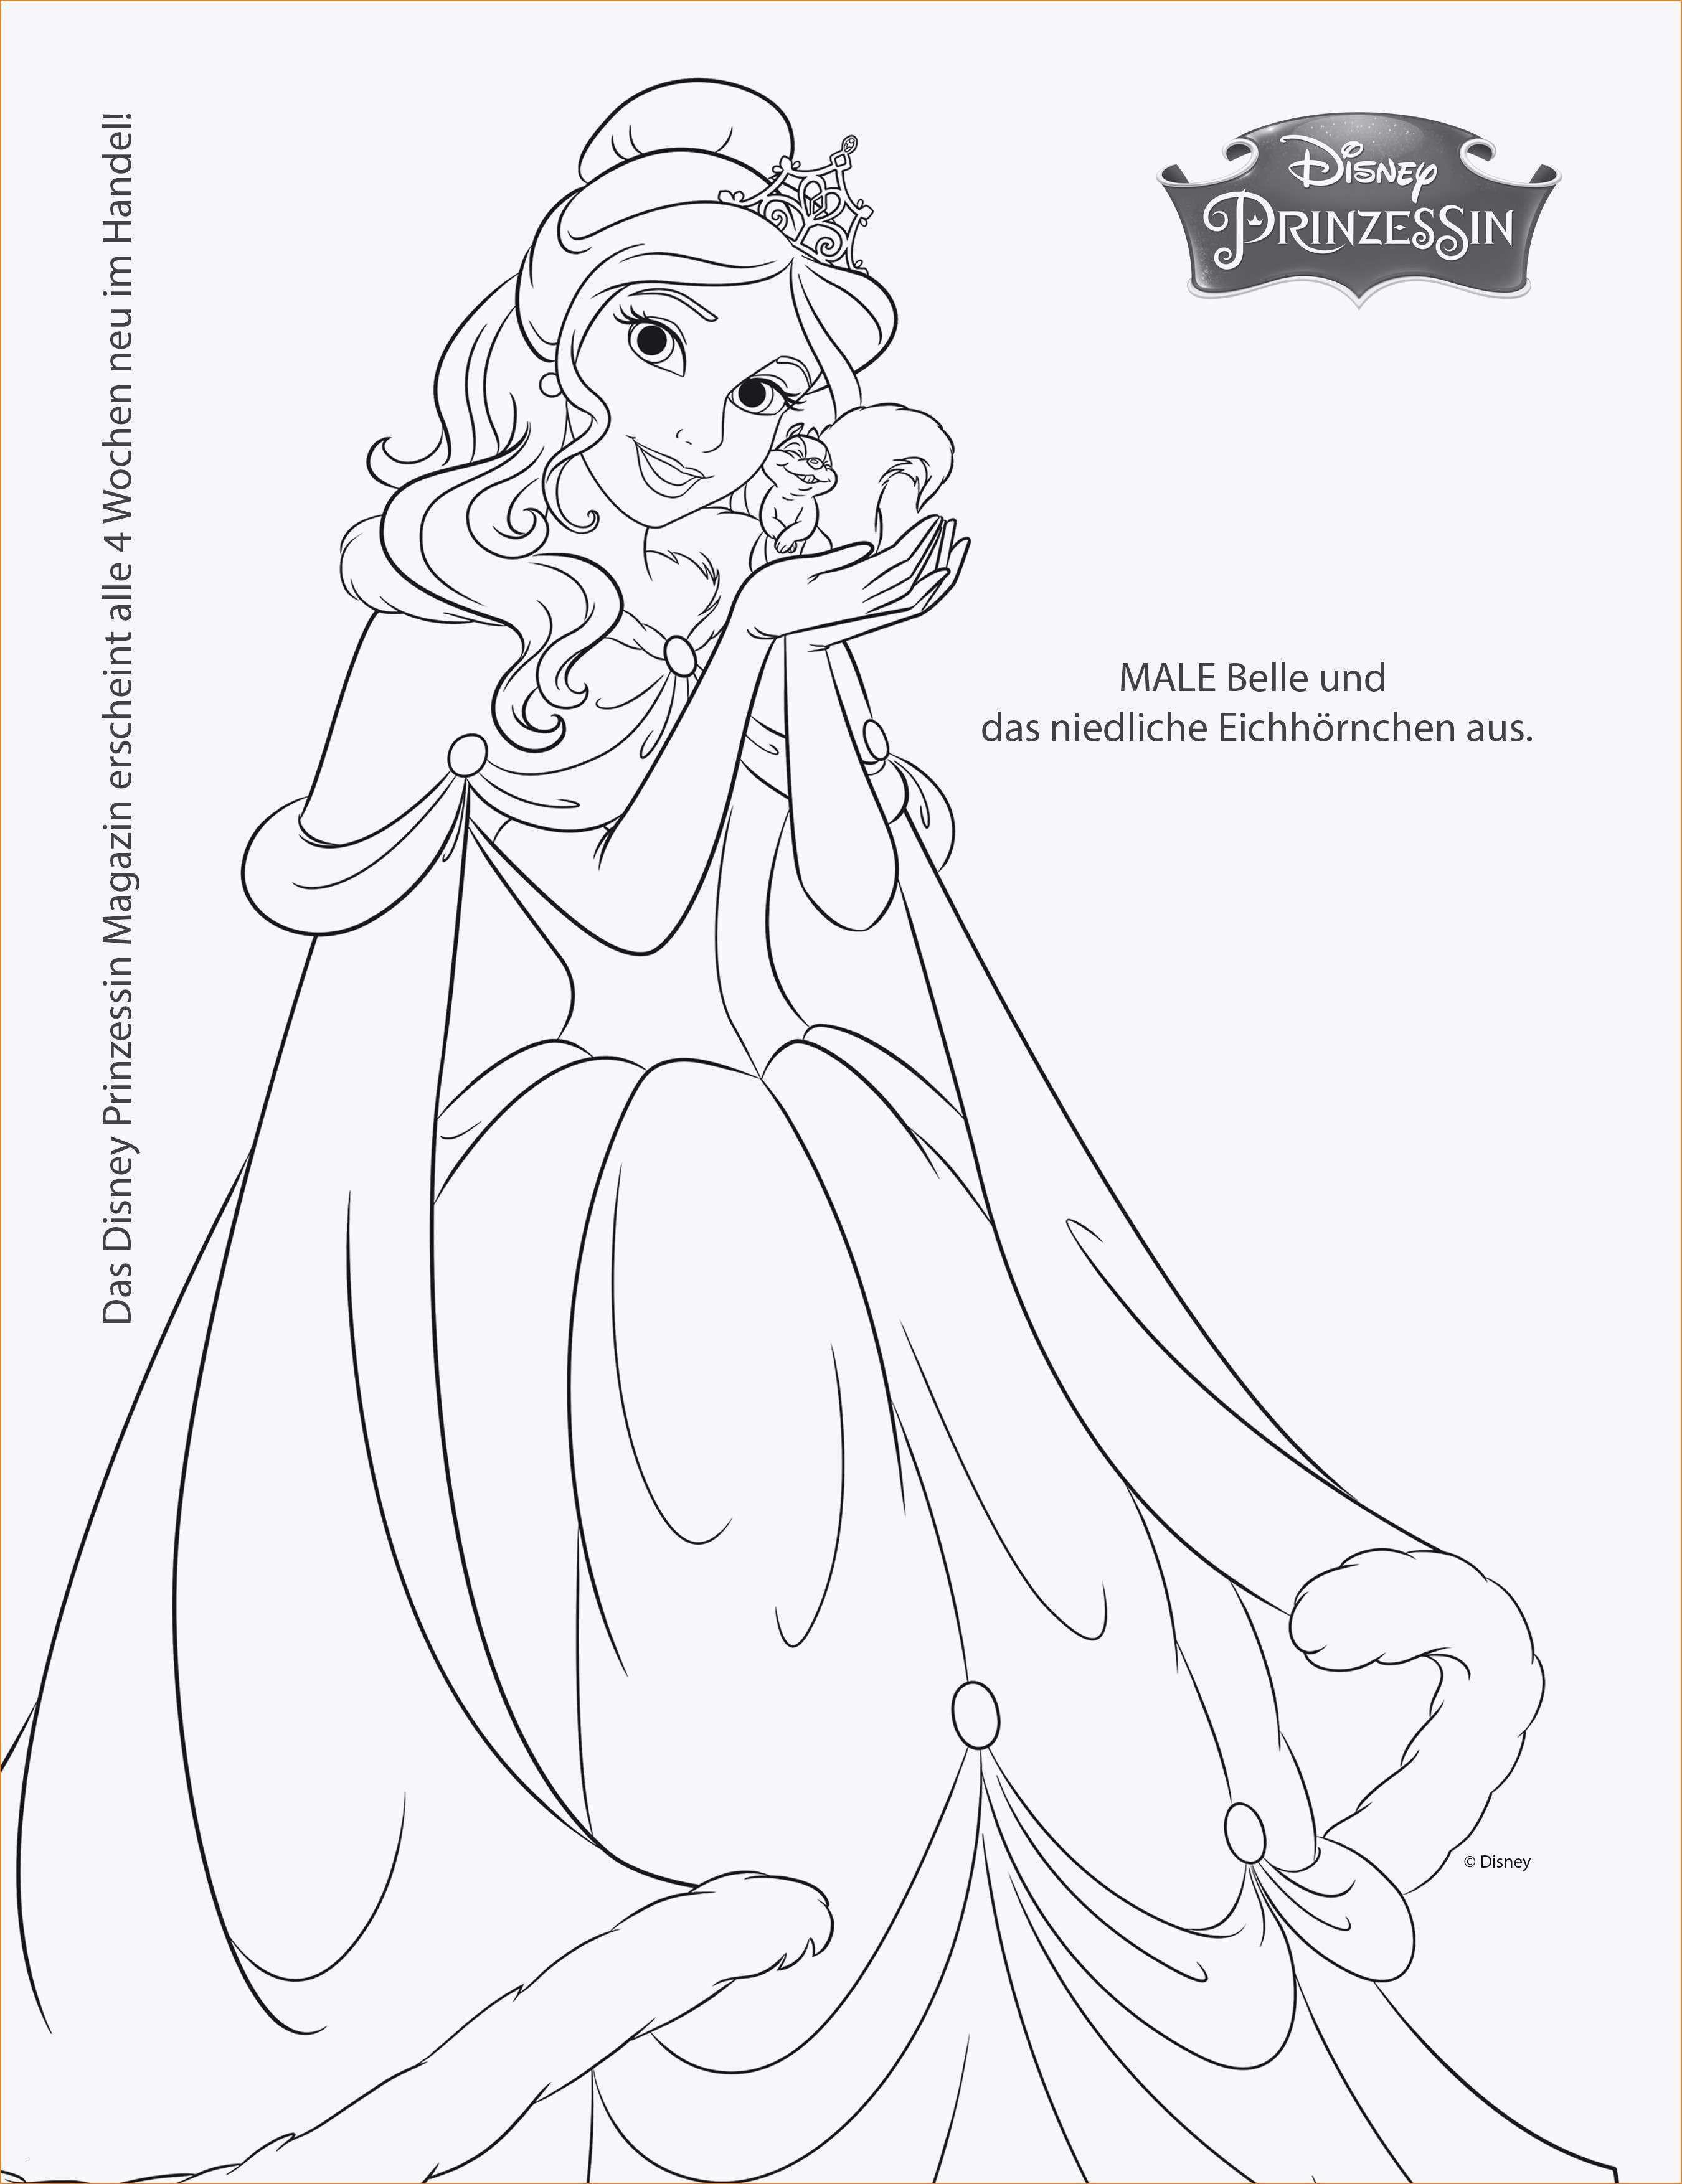 Ausmalbilder Weihnachten Disney Frisch Bayern Ausmalbilder Schön Igel Grundschule 0d Archives Schön Kinder Bilder